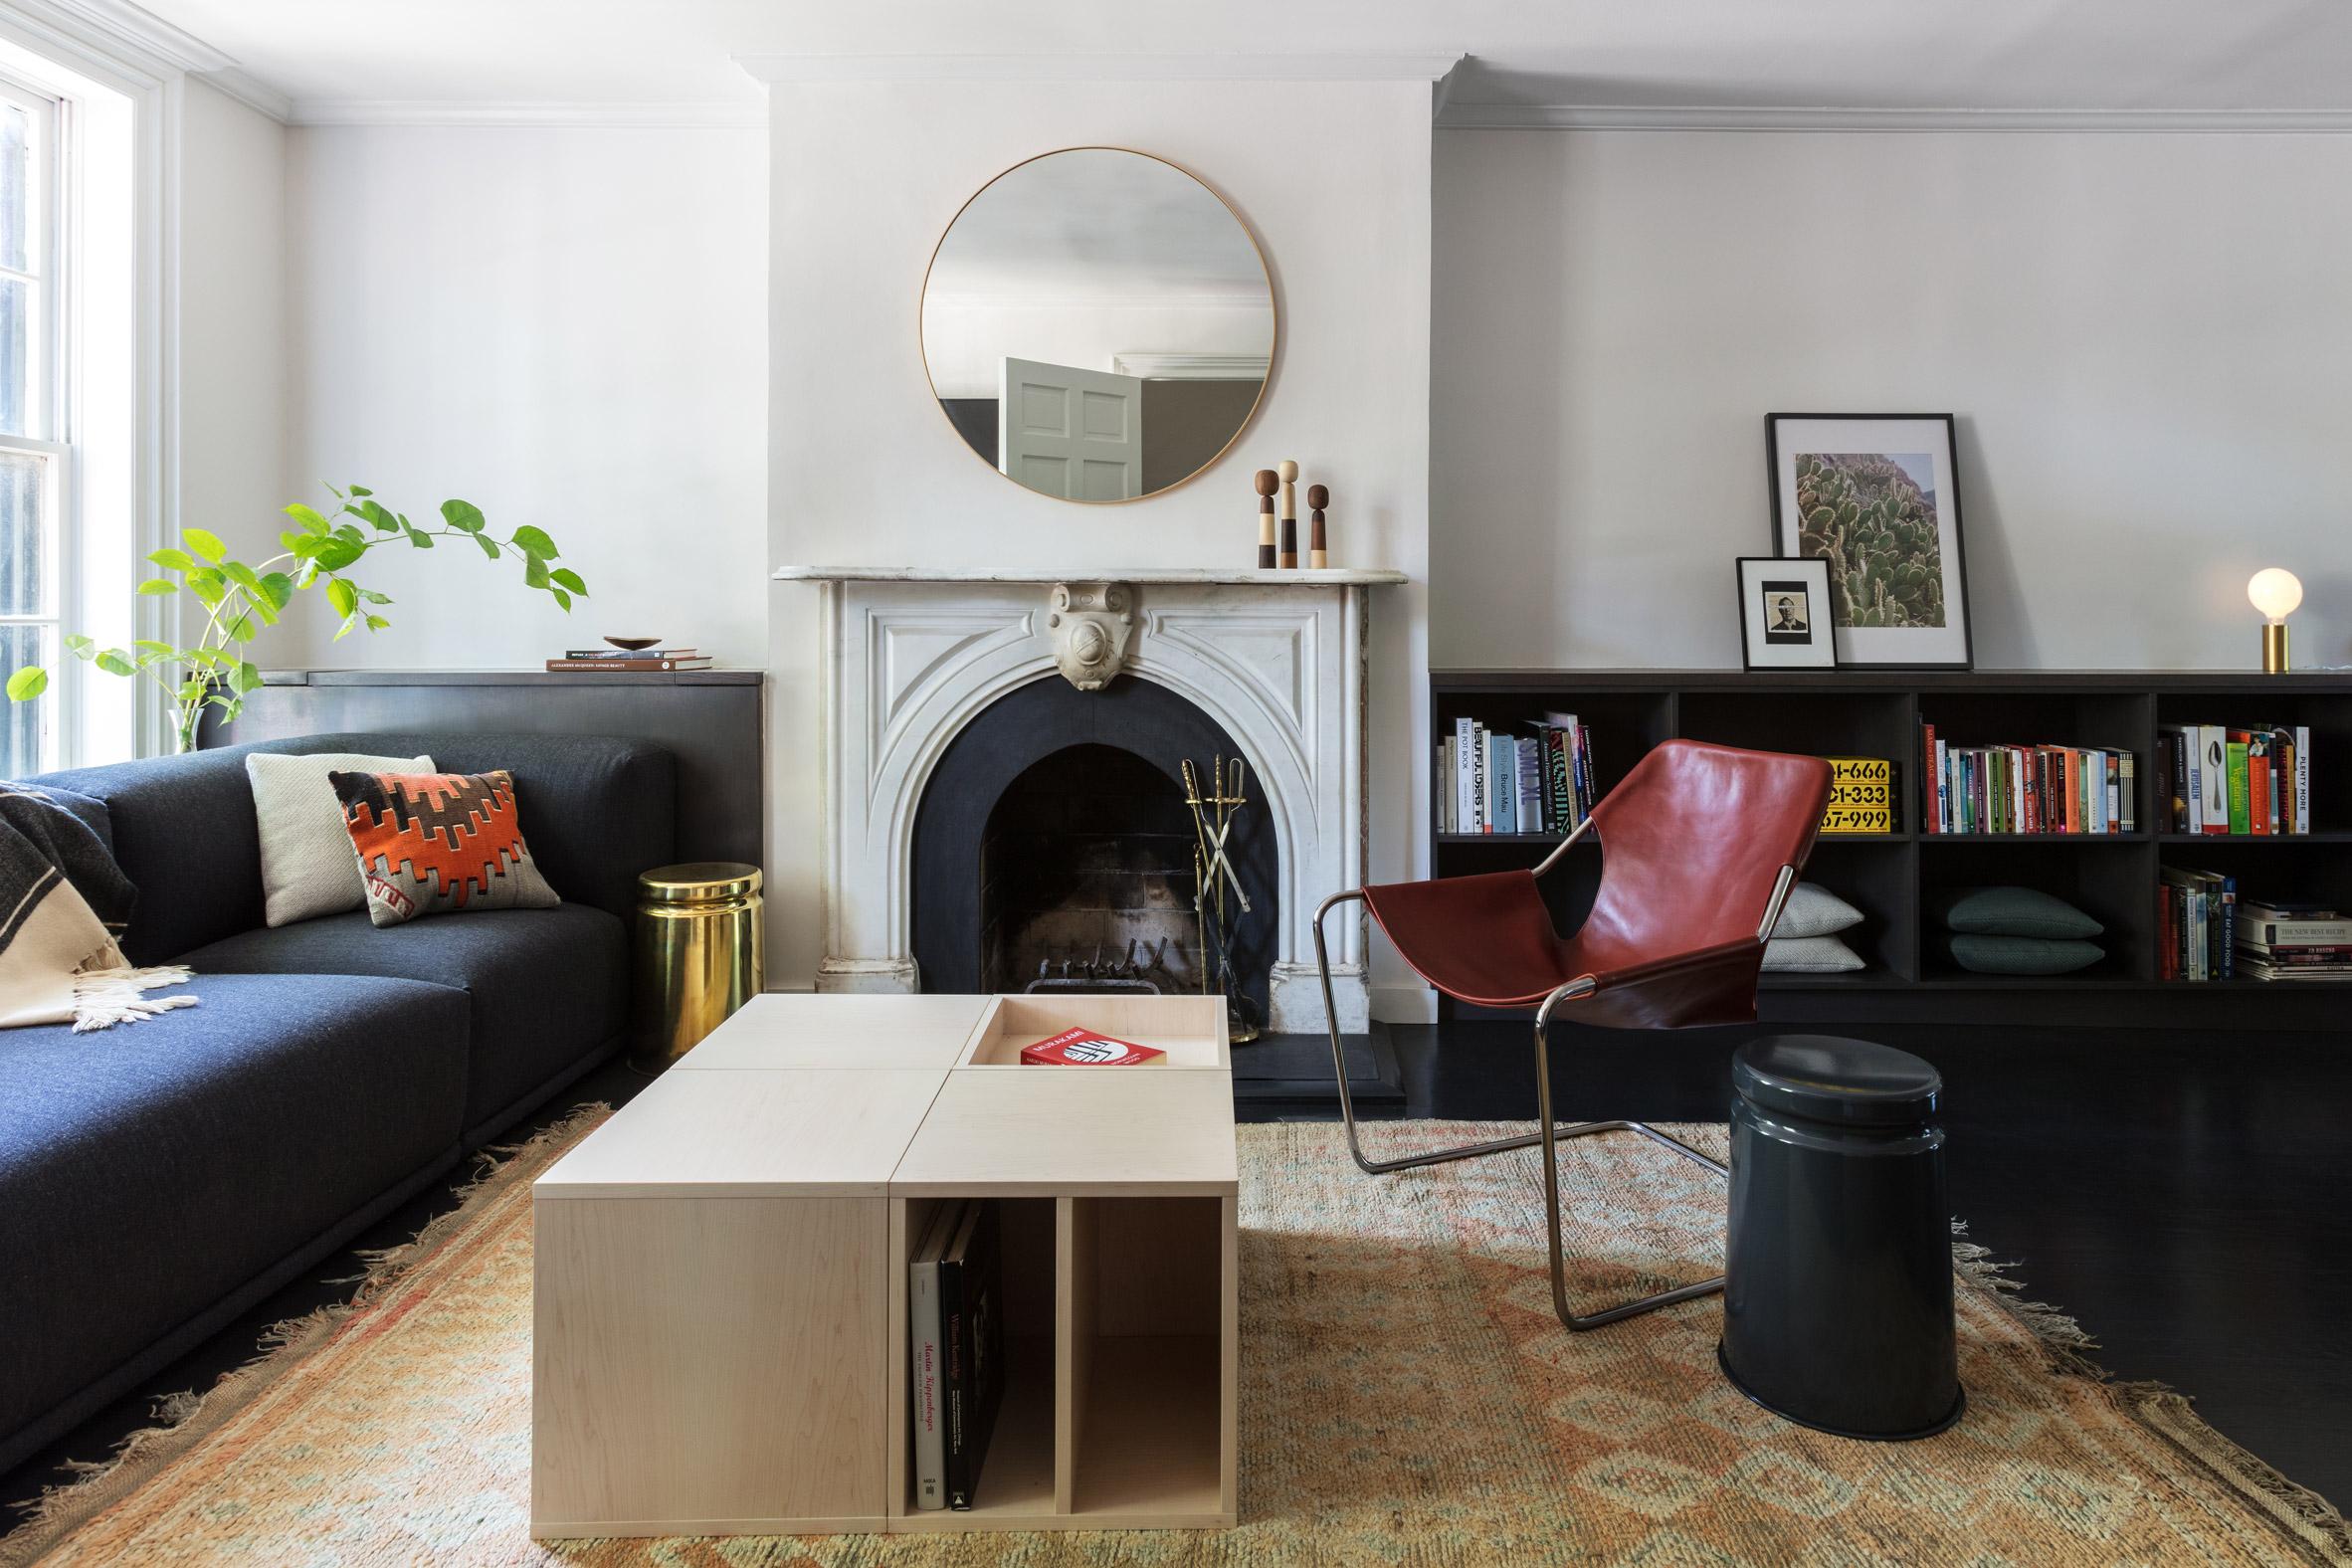 Extro-Intro - къща със зони за екстровертни и интровертни дейности